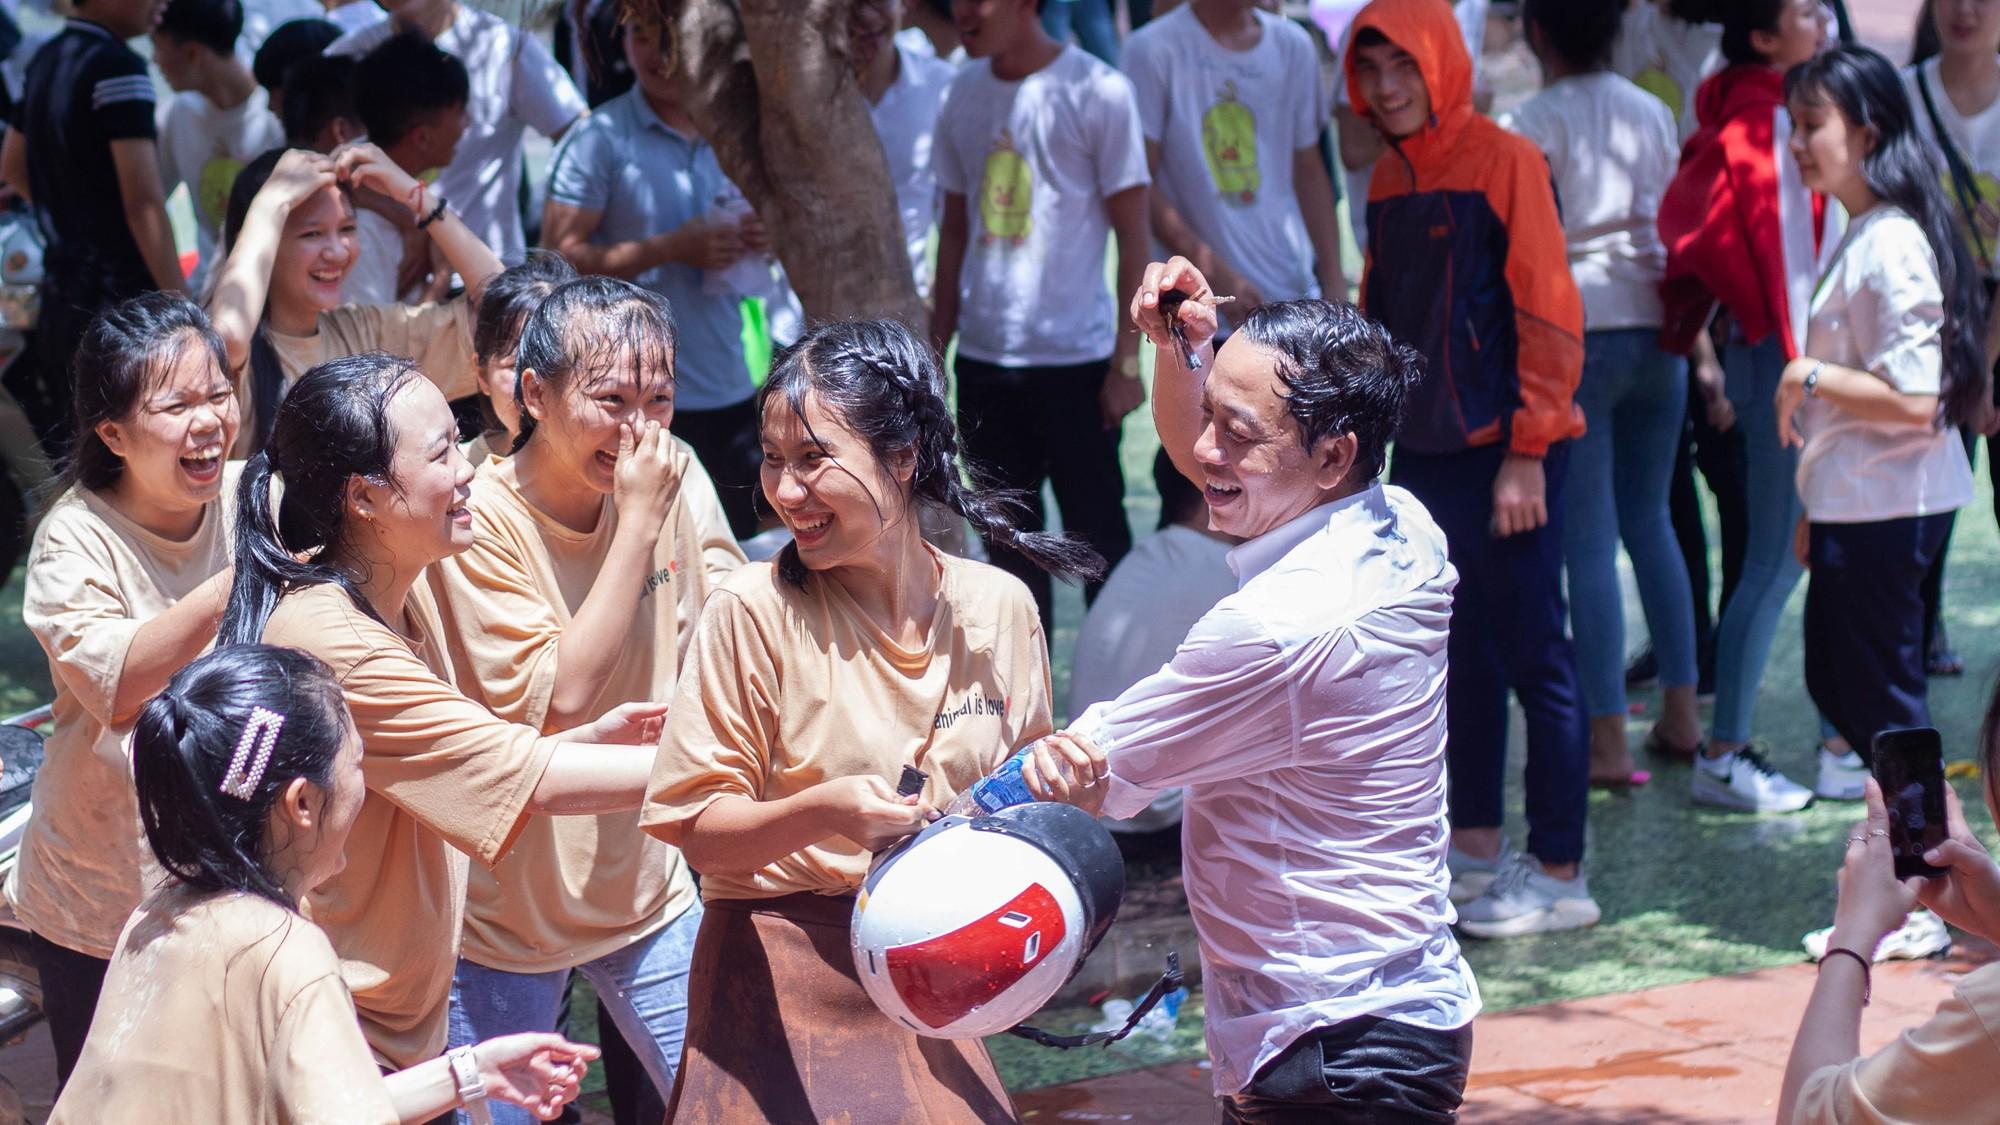 Xuất hiện một lớp học ở Đắk Lắk ai cũng xinh và giỏi xuất sắc, đúng là không thể chê được con gái Tây Nguyên - Ảnh 10.